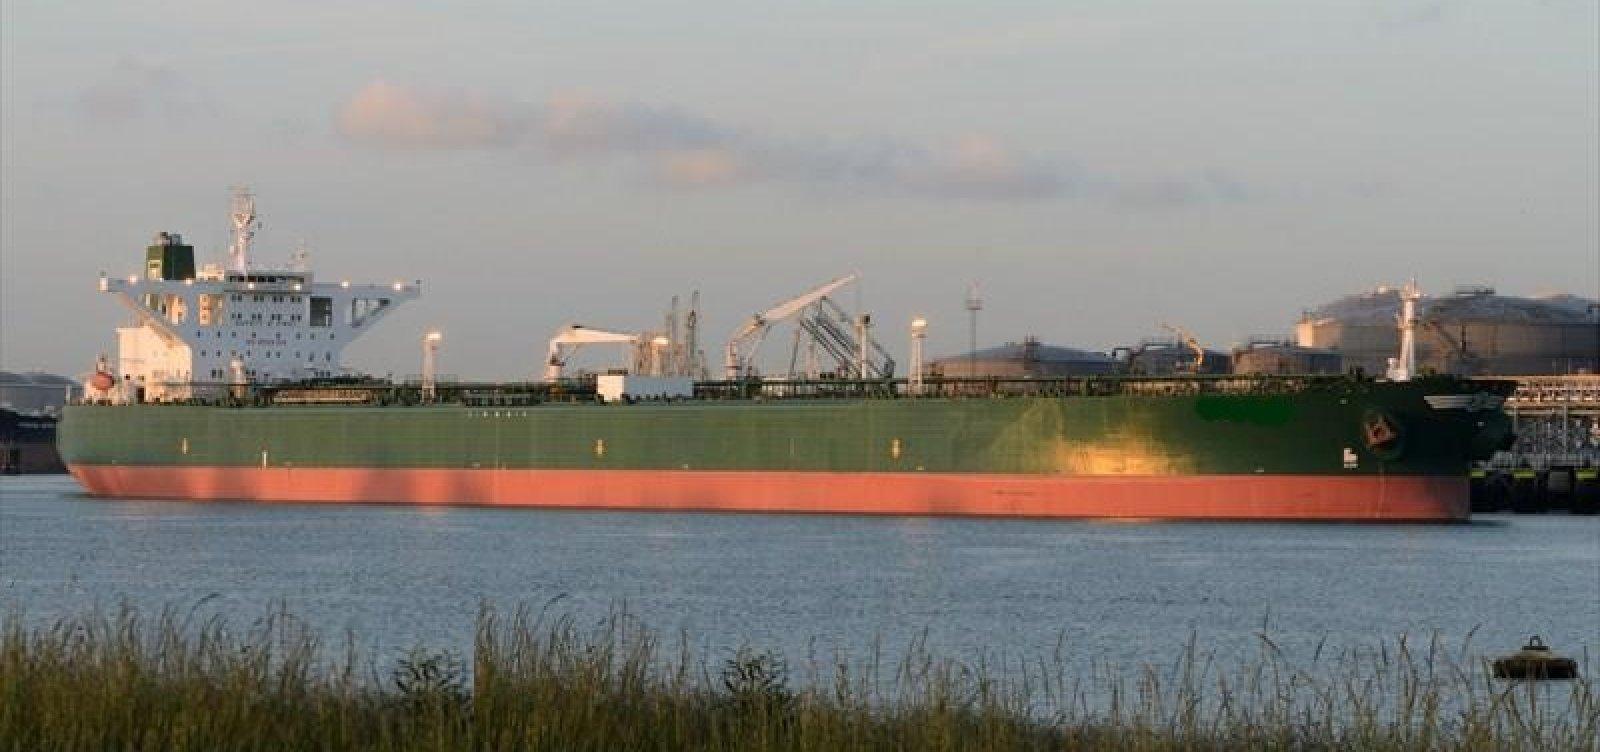 Voyager I, novo navio suspeito de derramar óleo, aproxima-se do Brasil